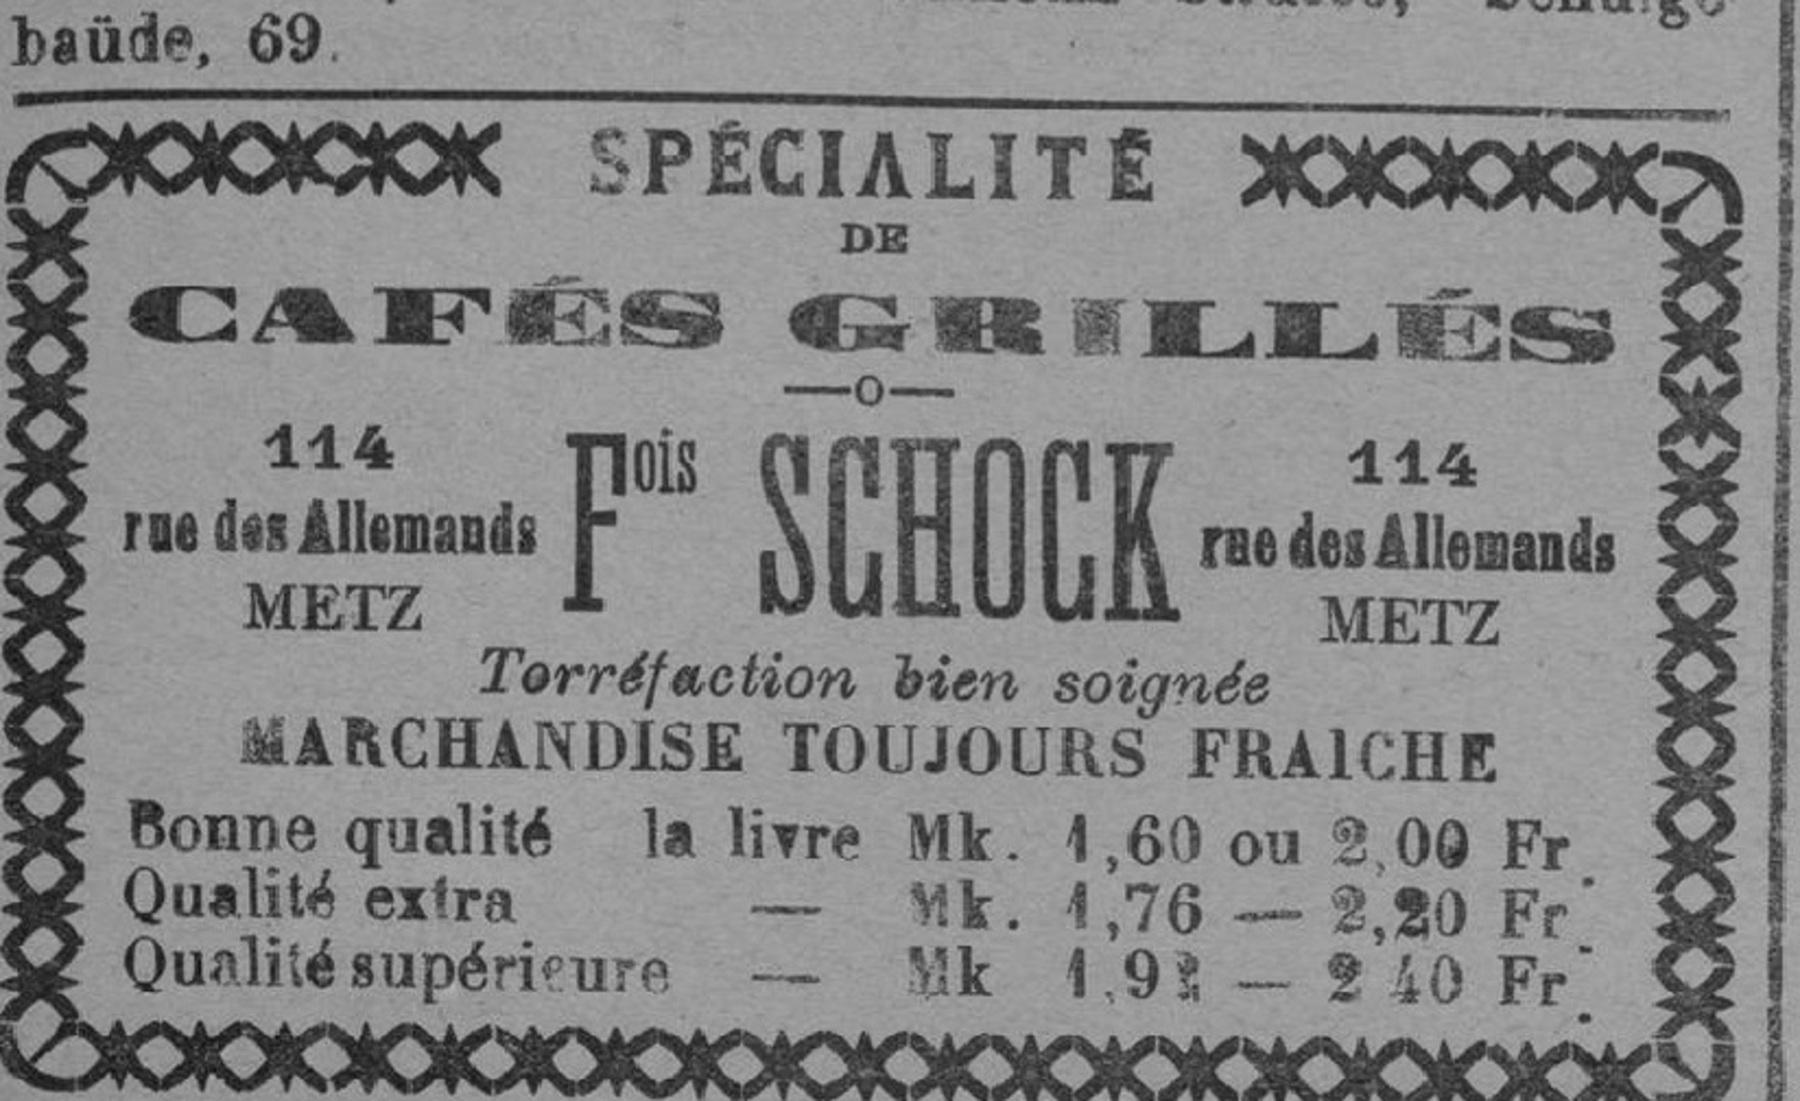 Contenu du Spécialité de cafés grillés - François Schock